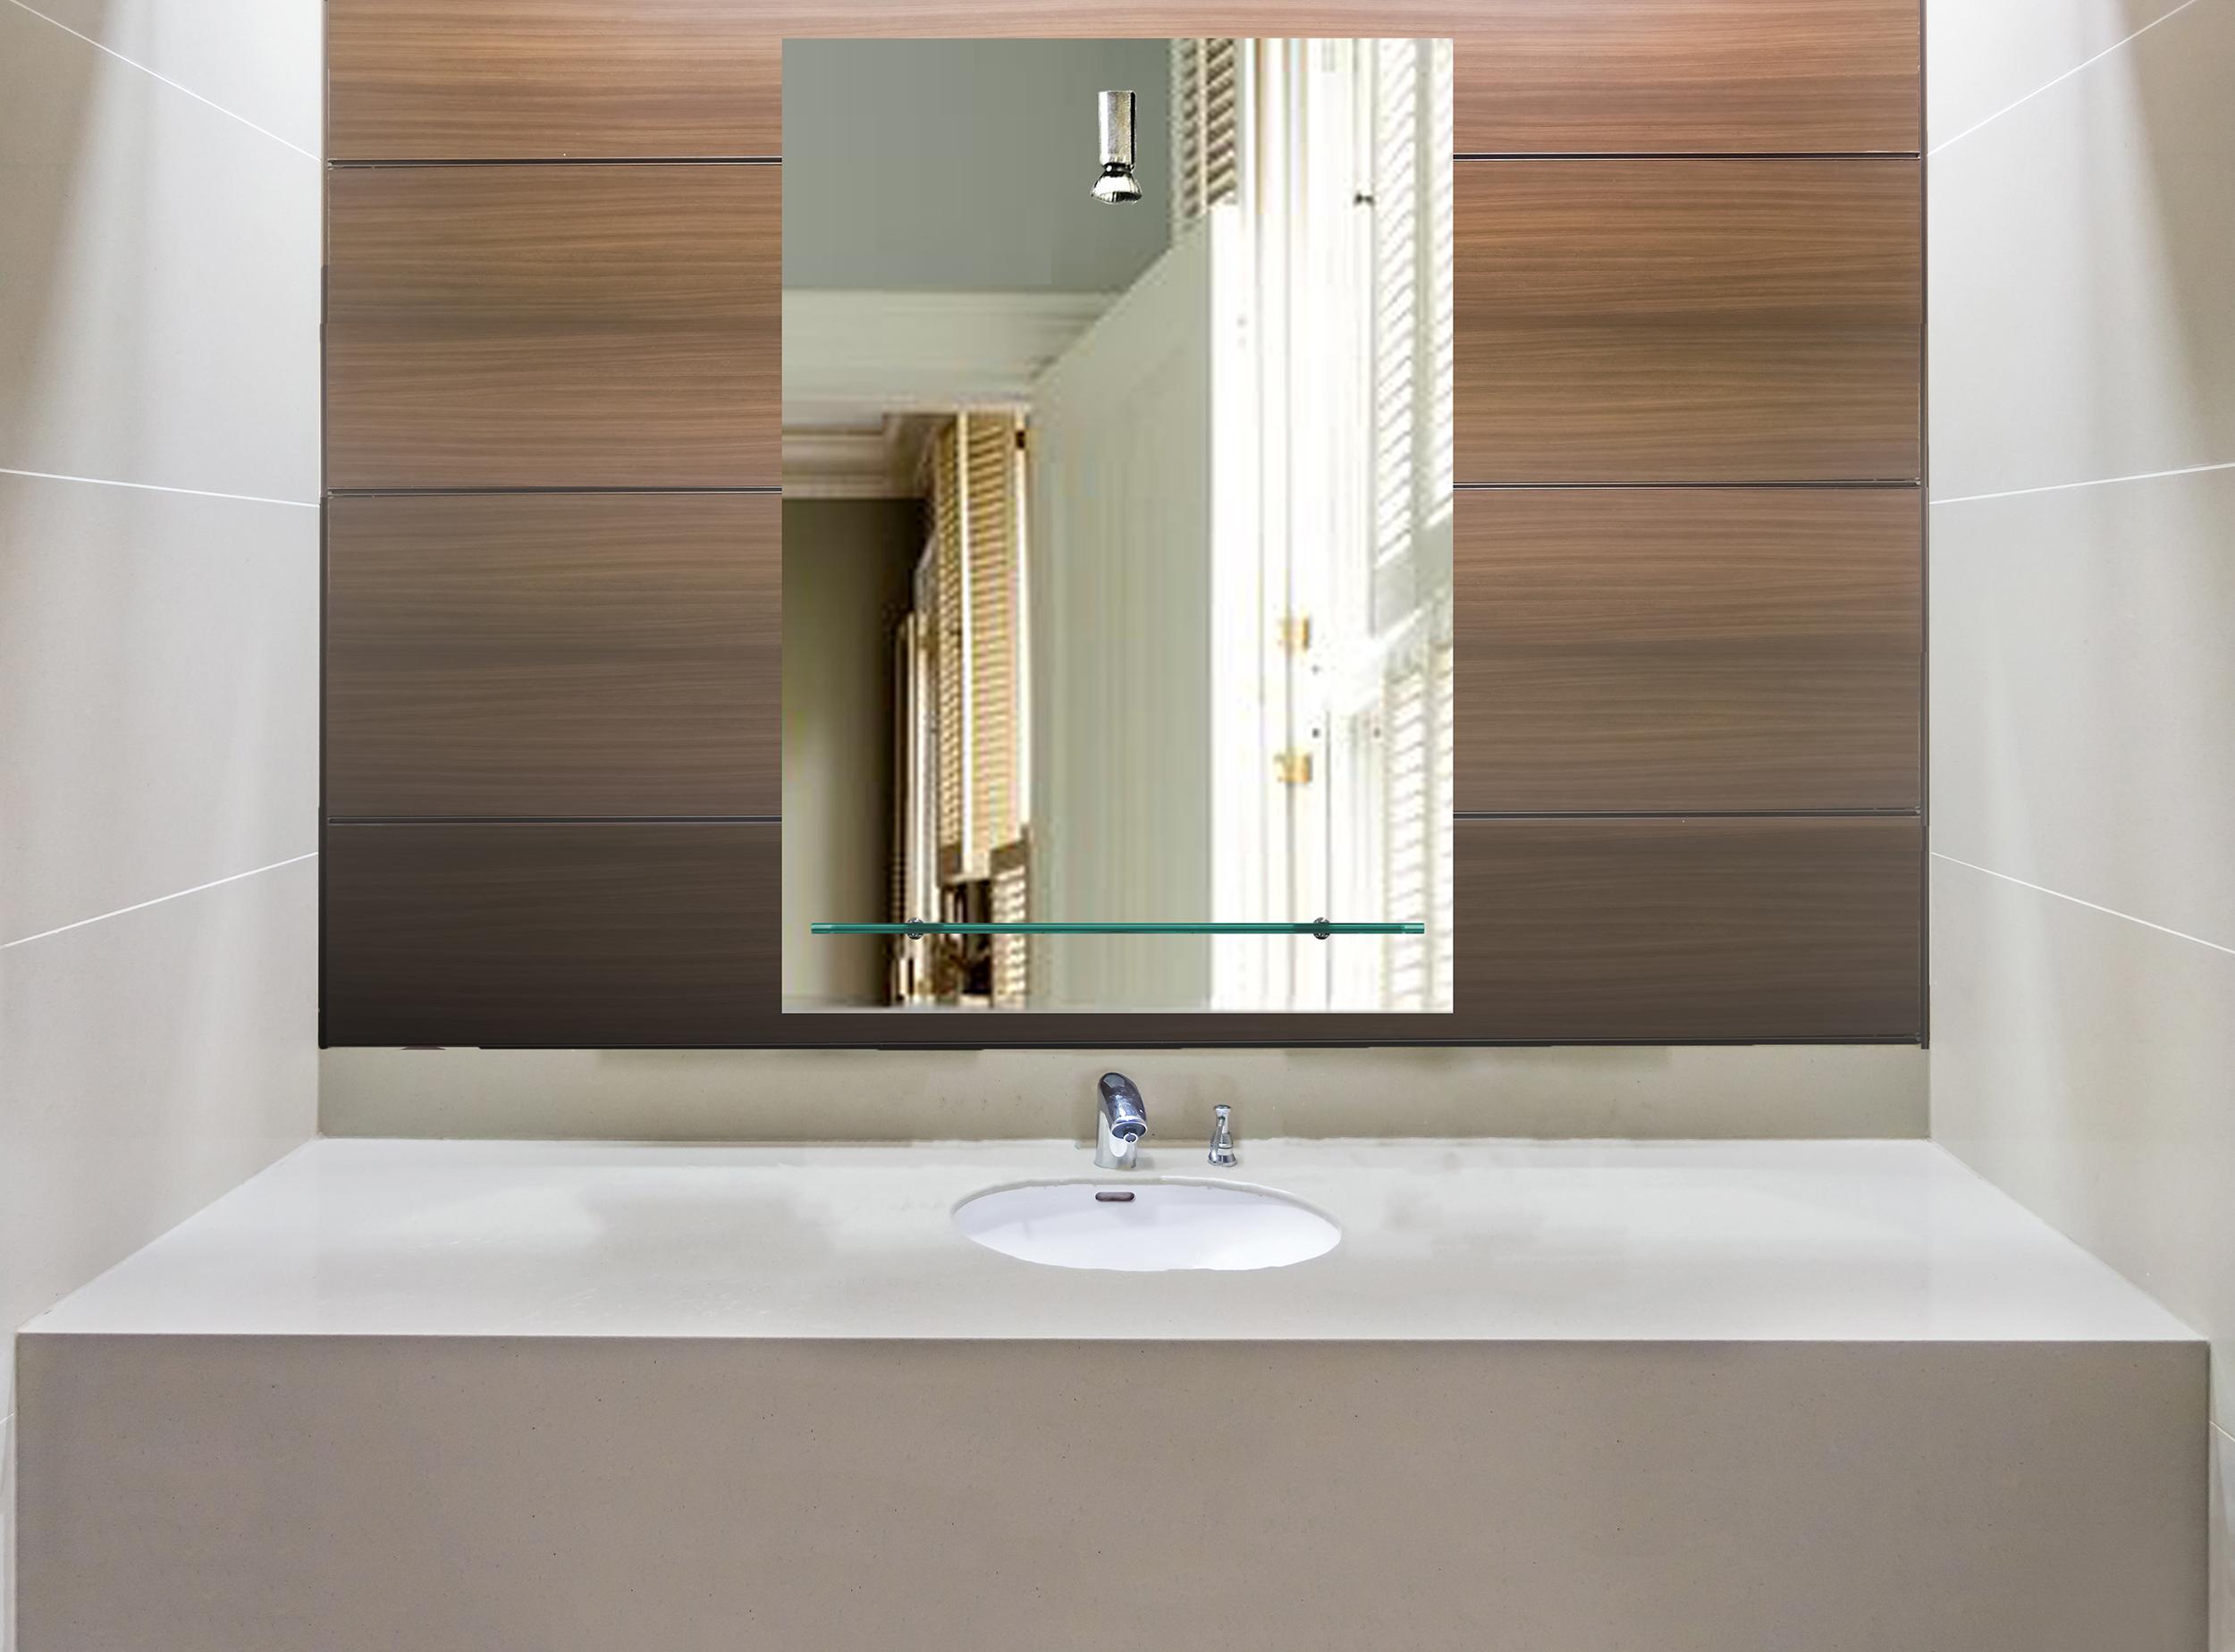 badspiegel spiegel mit ablage und beleuchtung g ste wc led. Black Bedroom Furniture Sets. Home Design Ideas